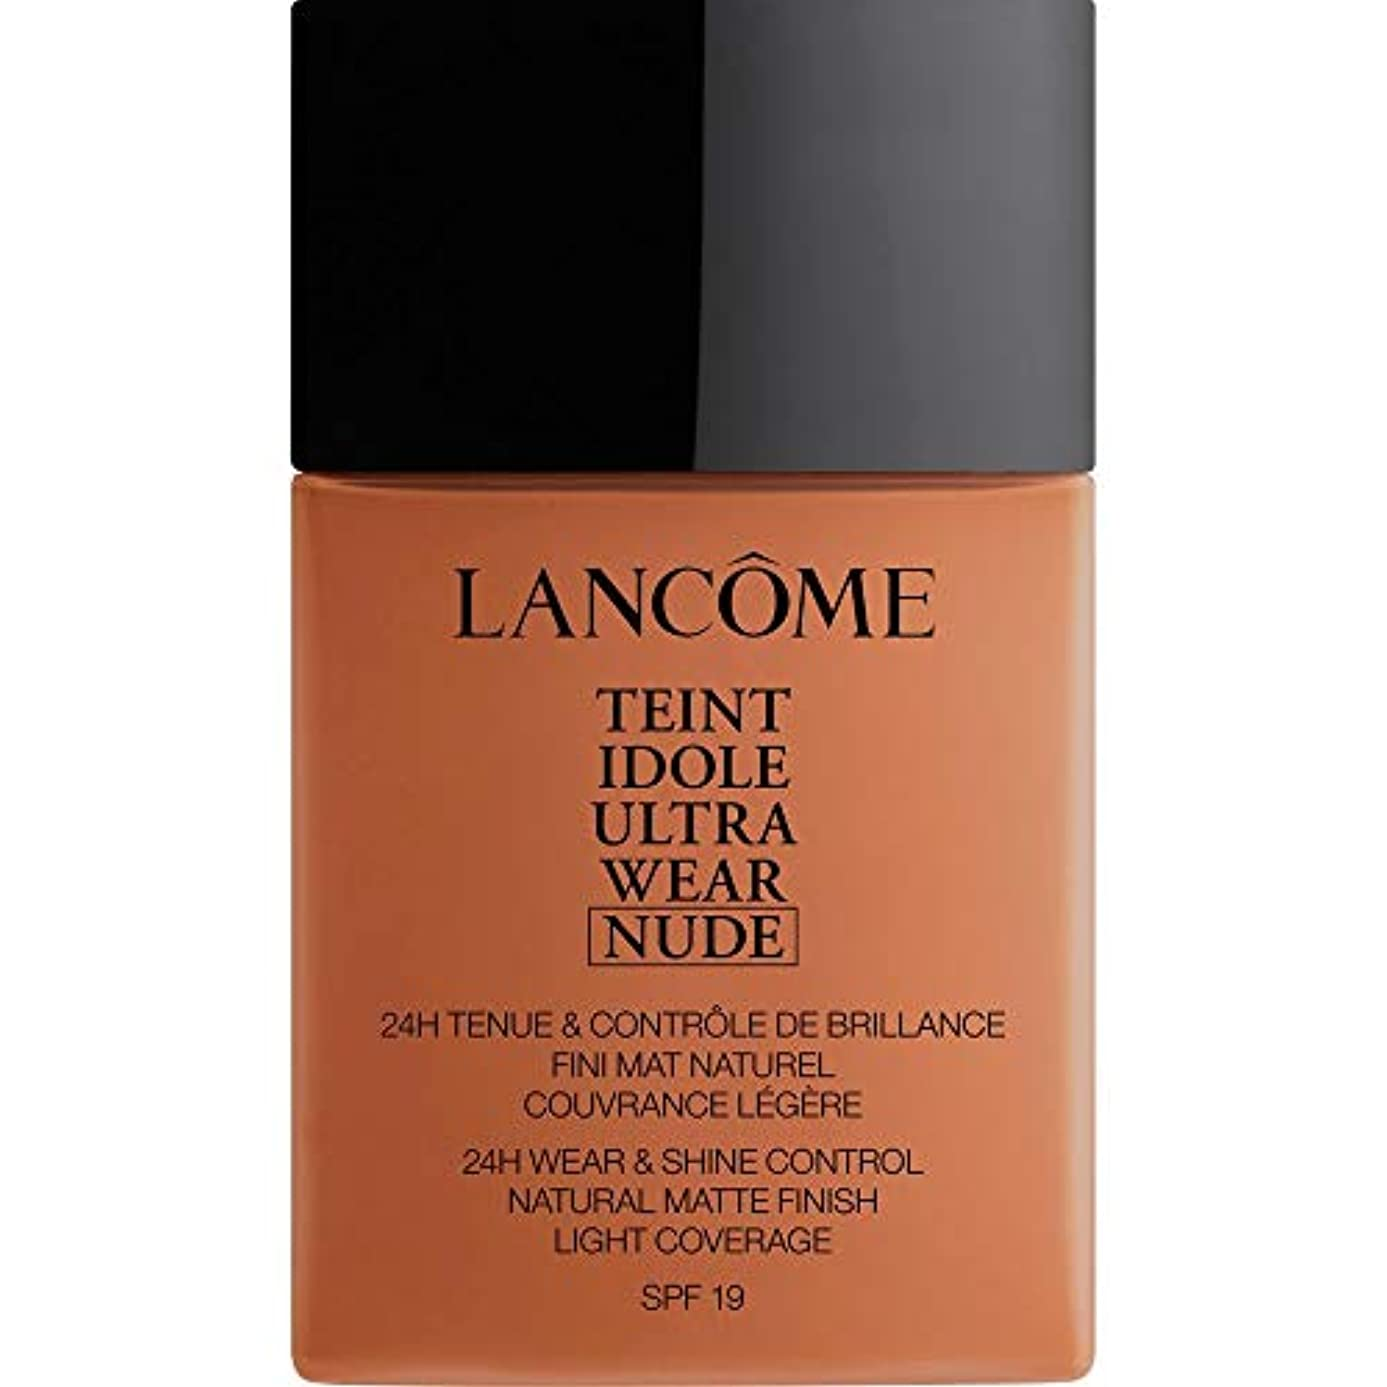 調停者約設定主張[Lanc?me ] アカジュー - ランコムTeintのIdoleは、超ヌード基礎Spf19の40ミリリットル10.1を着用します - Lancome Teint Idole Ultra Wear Nude Foundation...